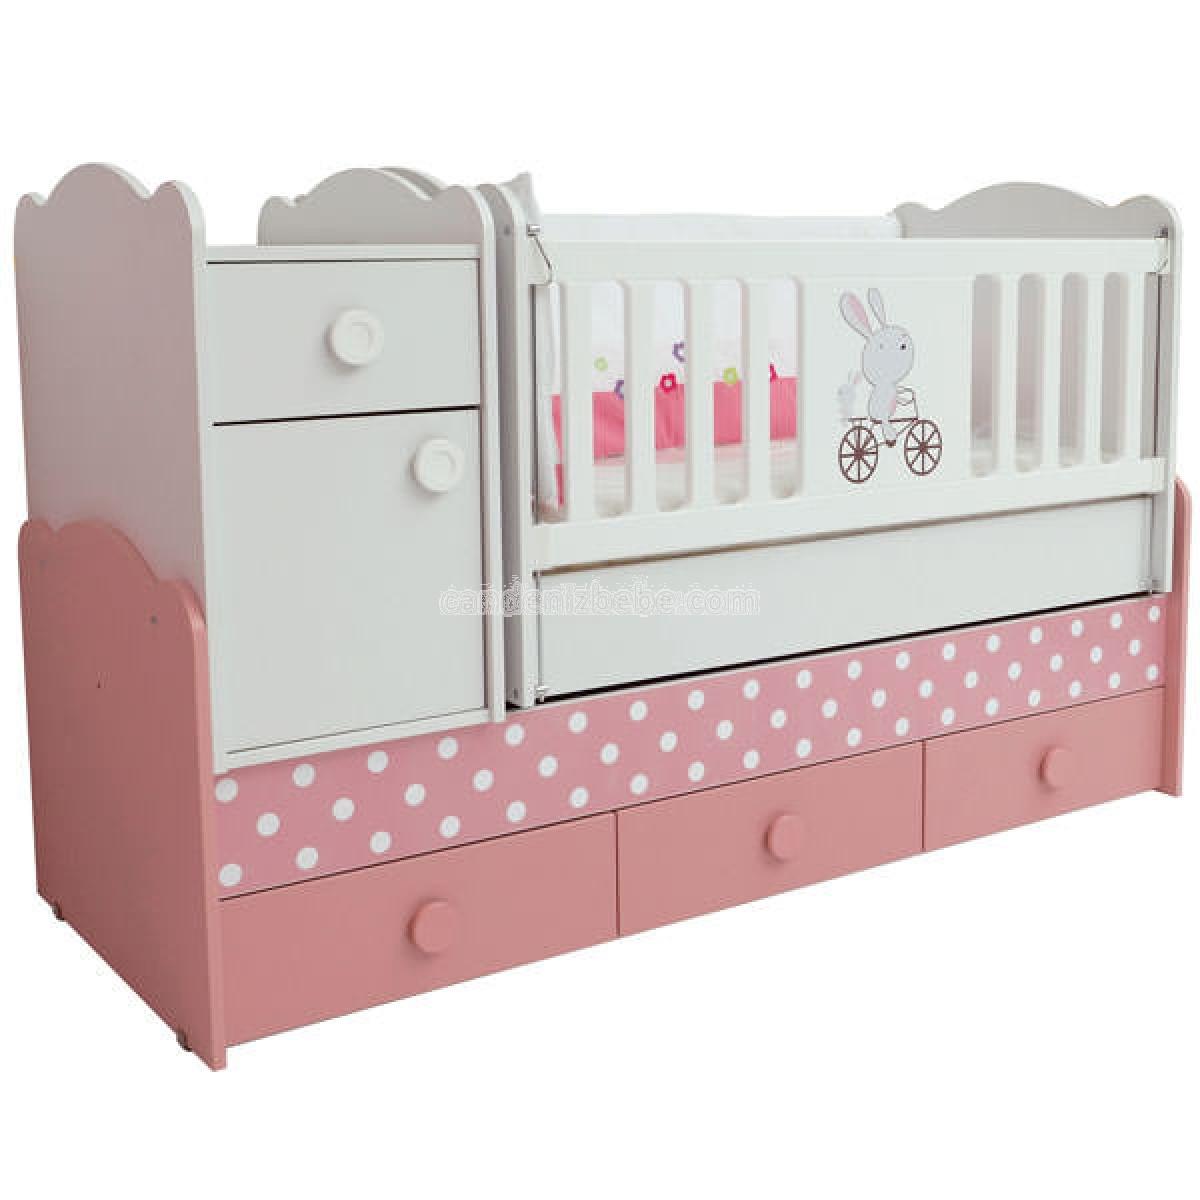 bebek-besigi-modelleri-30